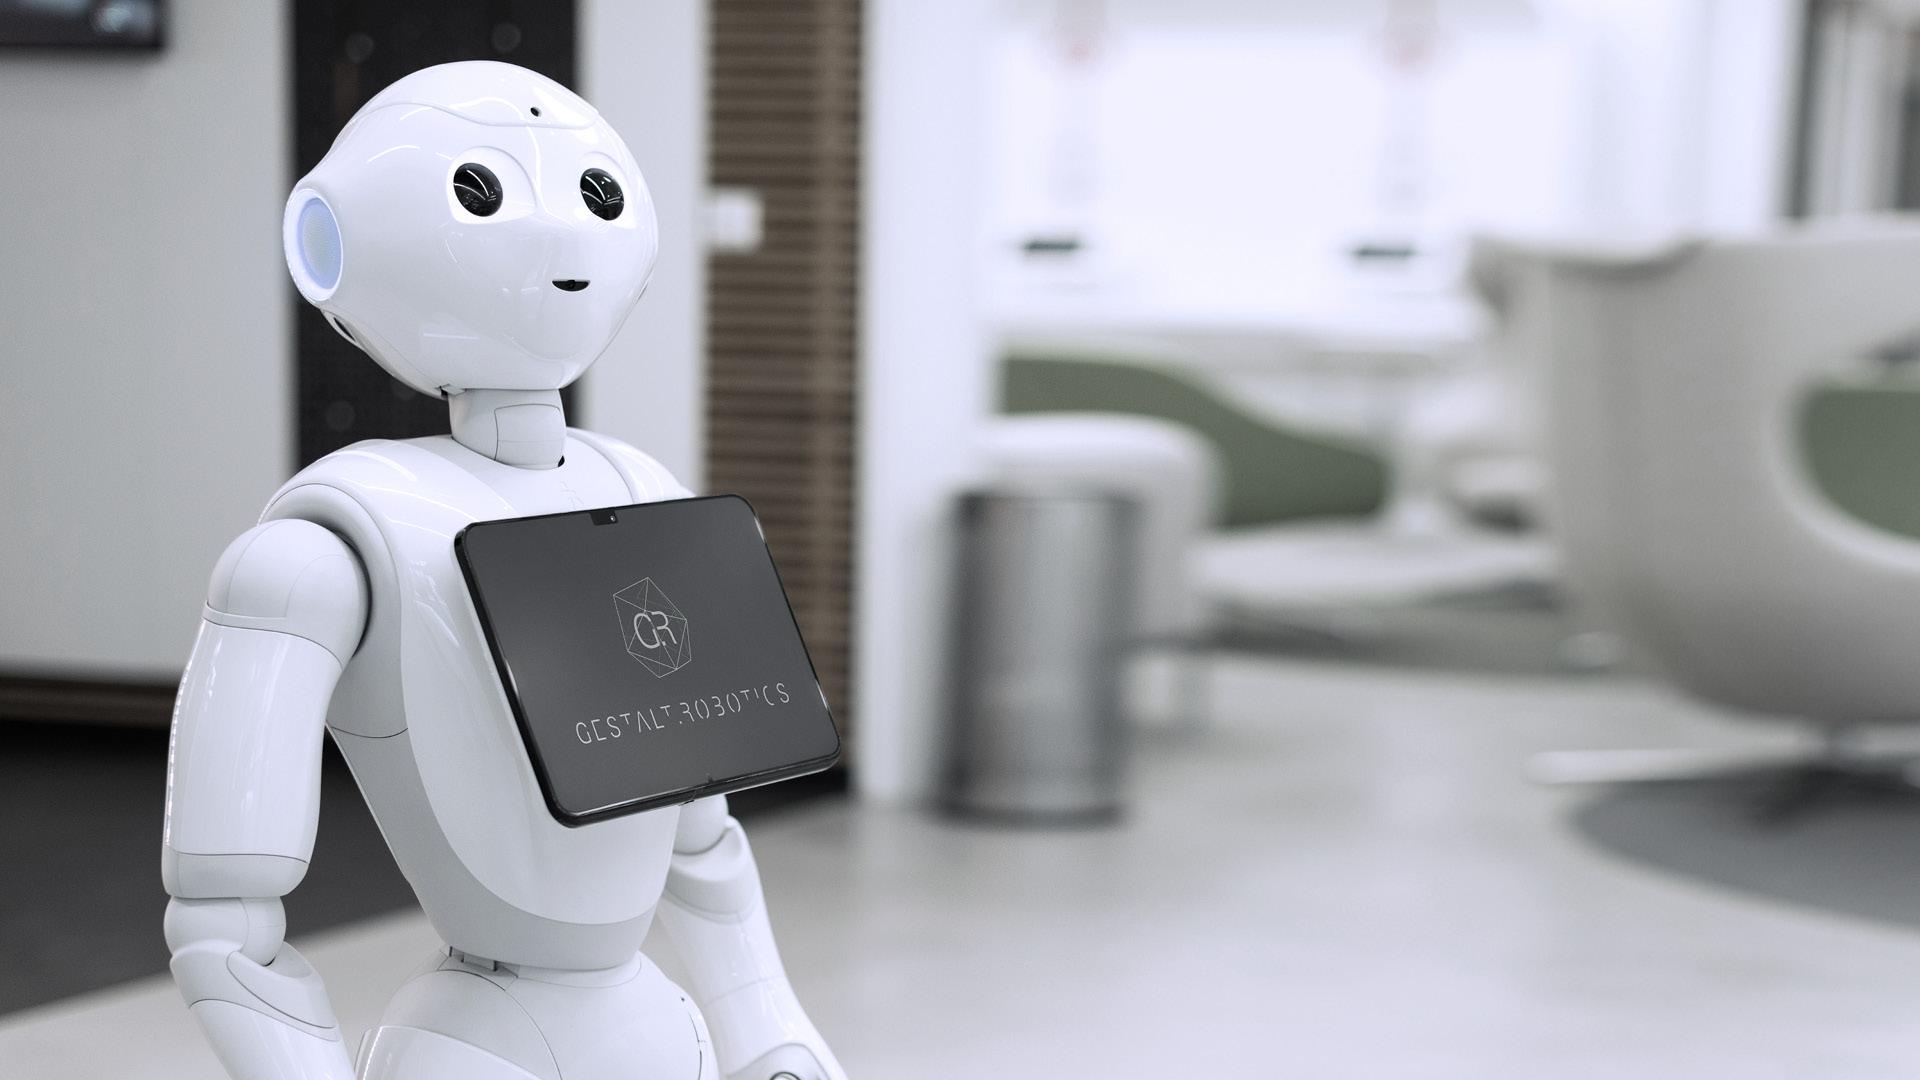 软银机器人与擎朗智能宣布成为全球战略合作伙伴,致力于推动服务行业的生产力和效率